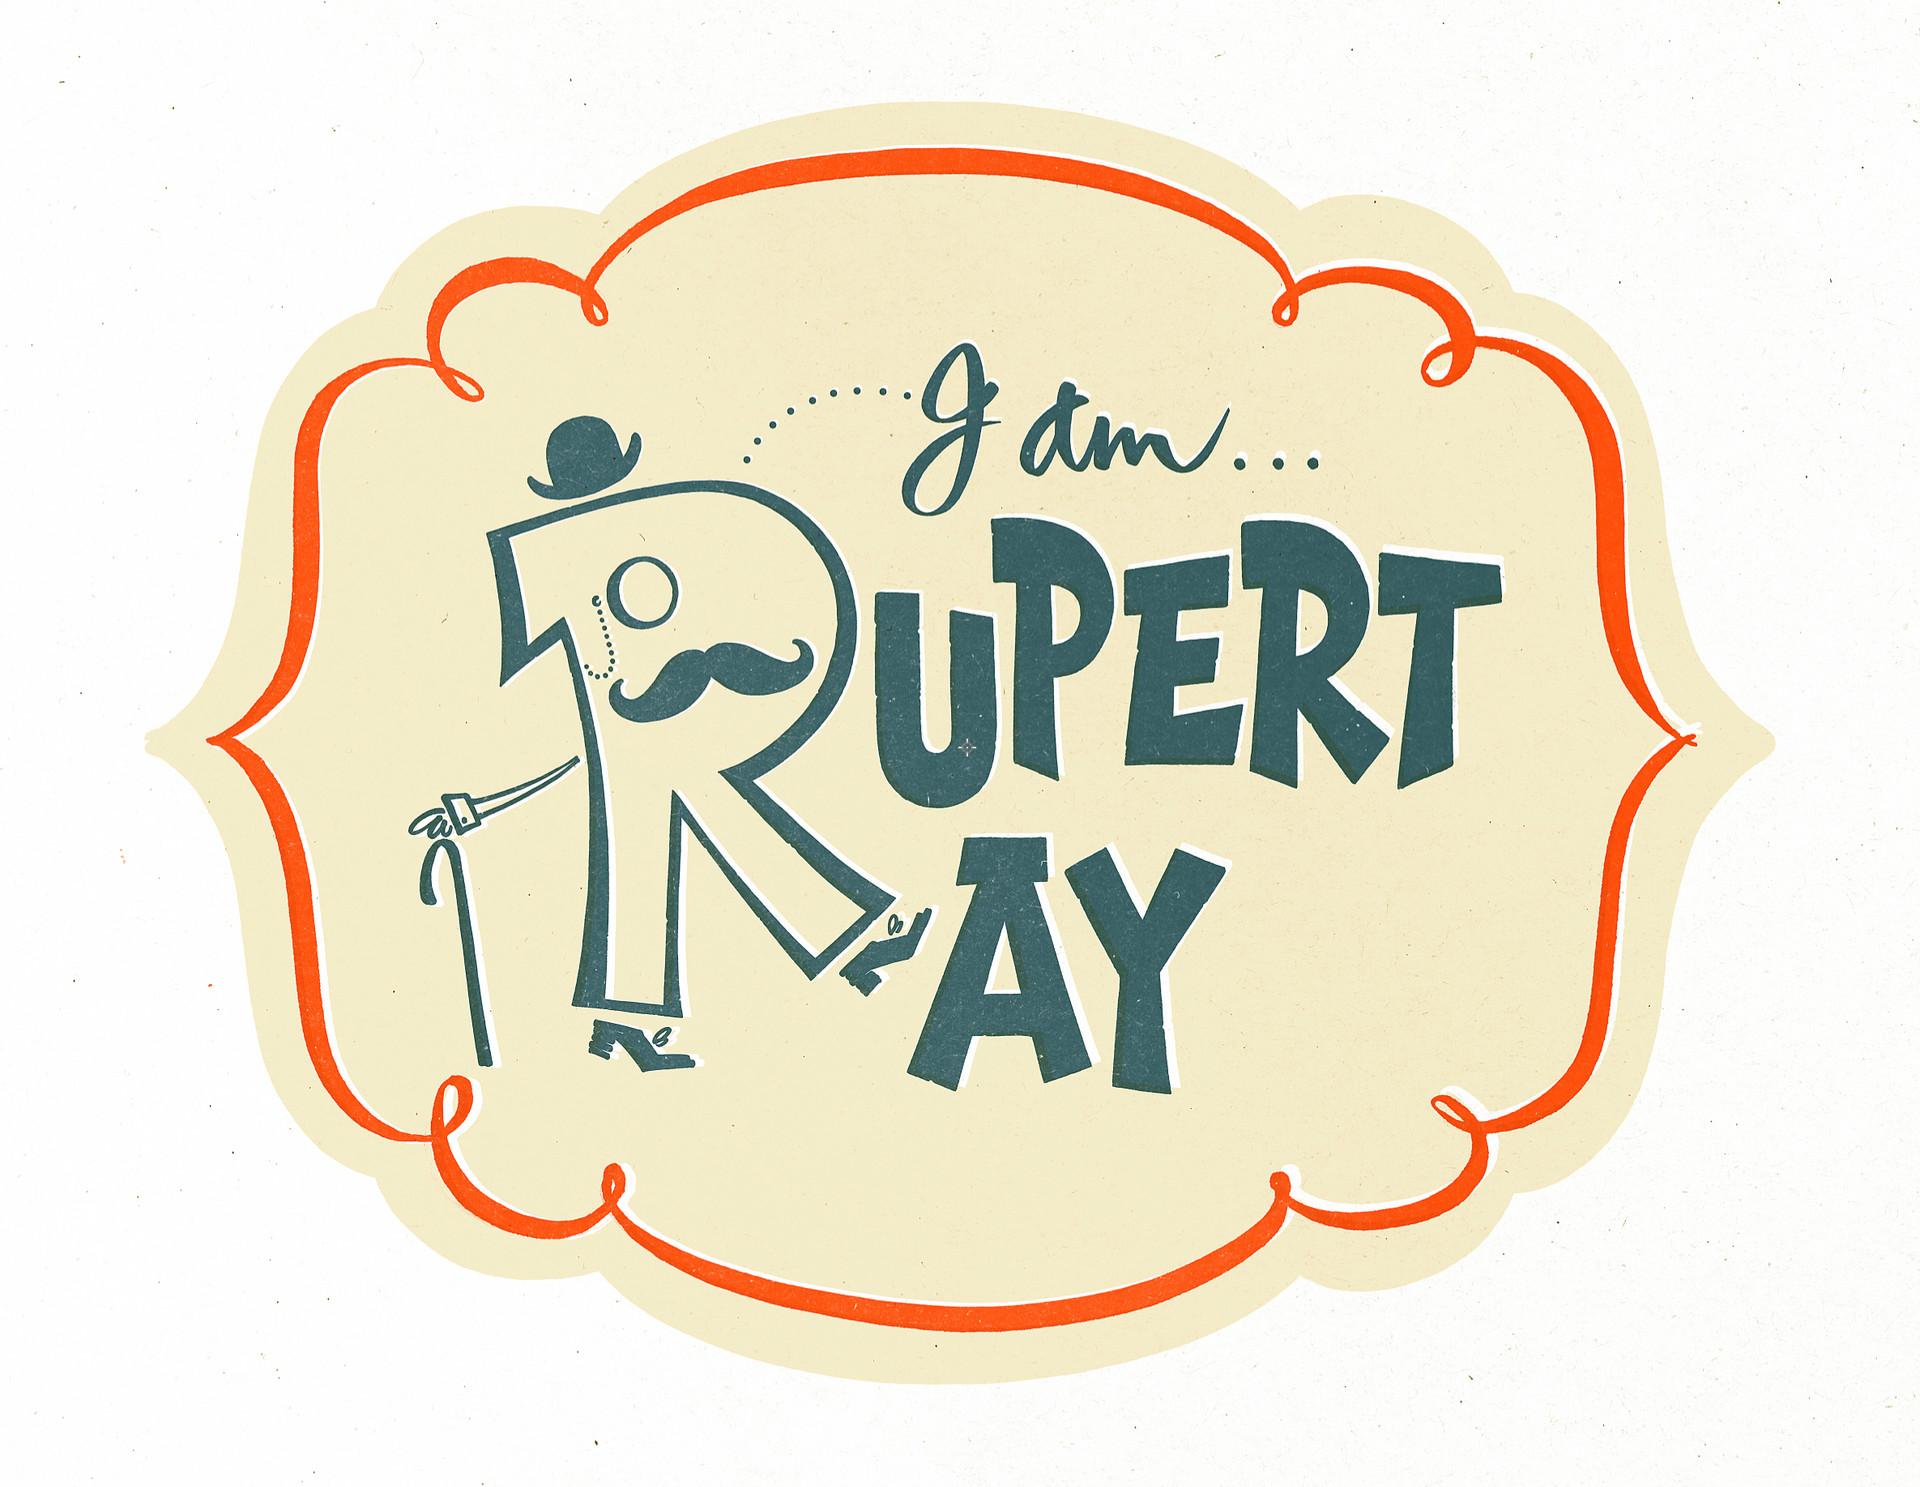 Rupert Ray